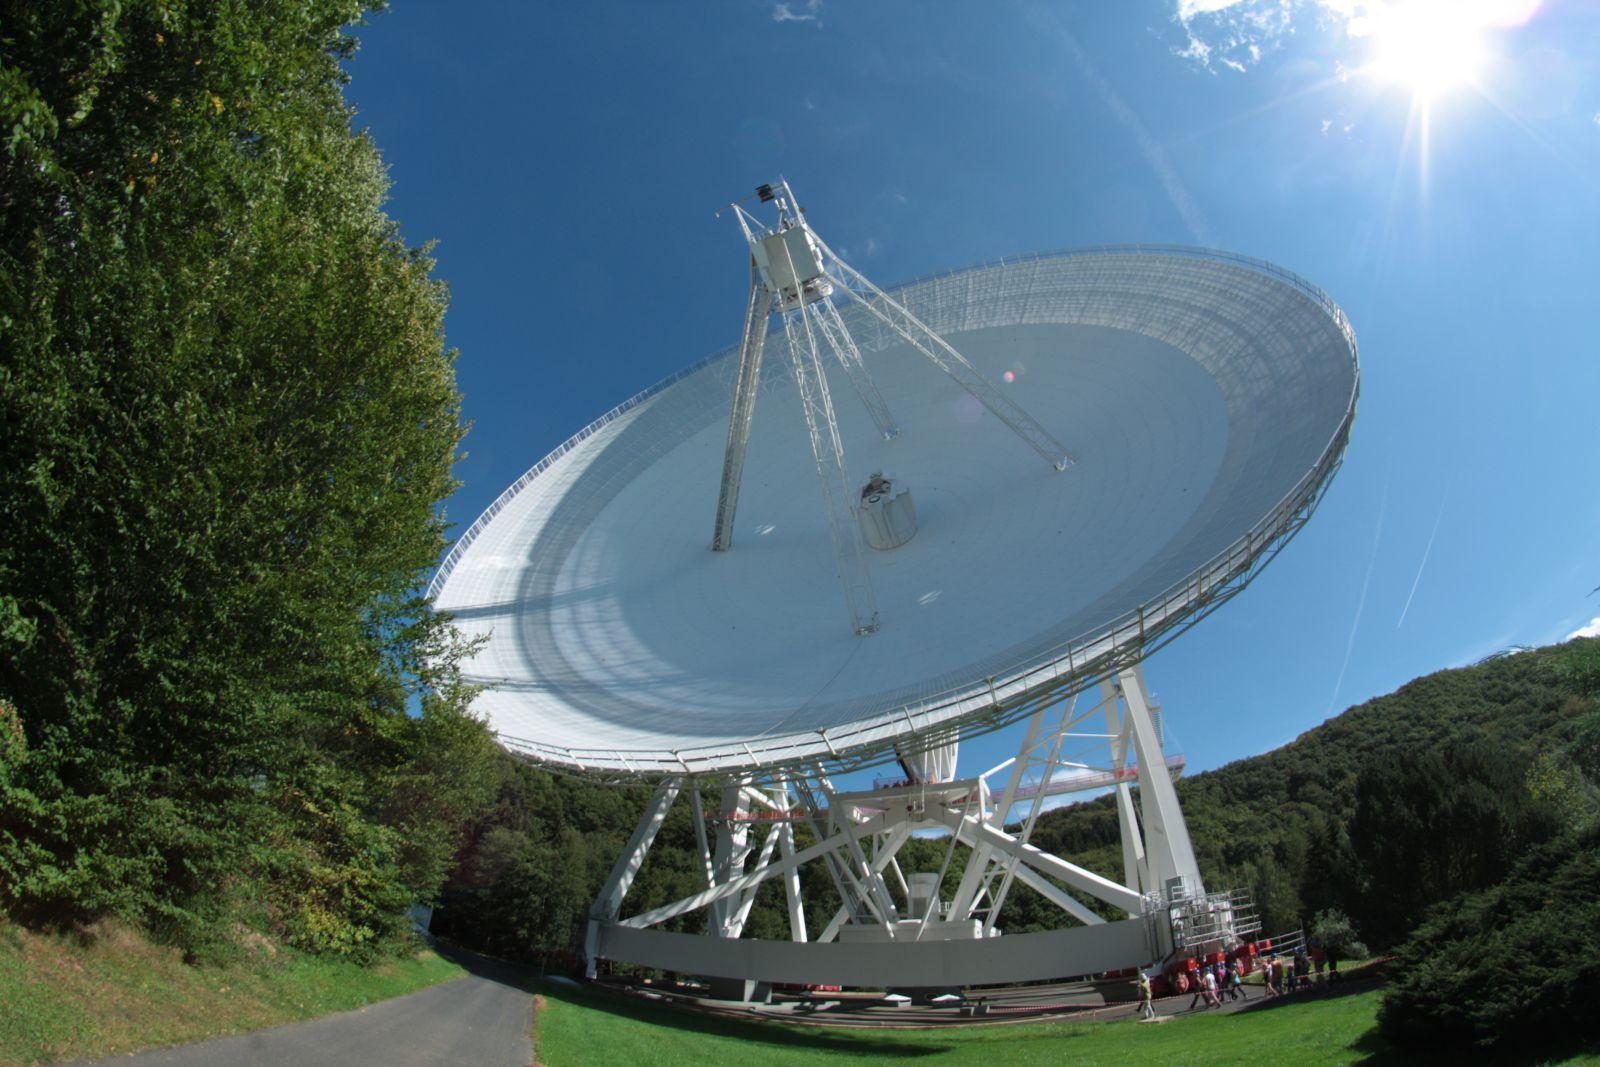 Das Radioteleskop in Effelsberg bei Bonn (hier im September 2011) ist mit seinem 100-Meter-Spiegel eines der größten der Welt. Es wird auch im Verbund mit anderen Radioteleskopen im VLBI-Verbund genutzt.